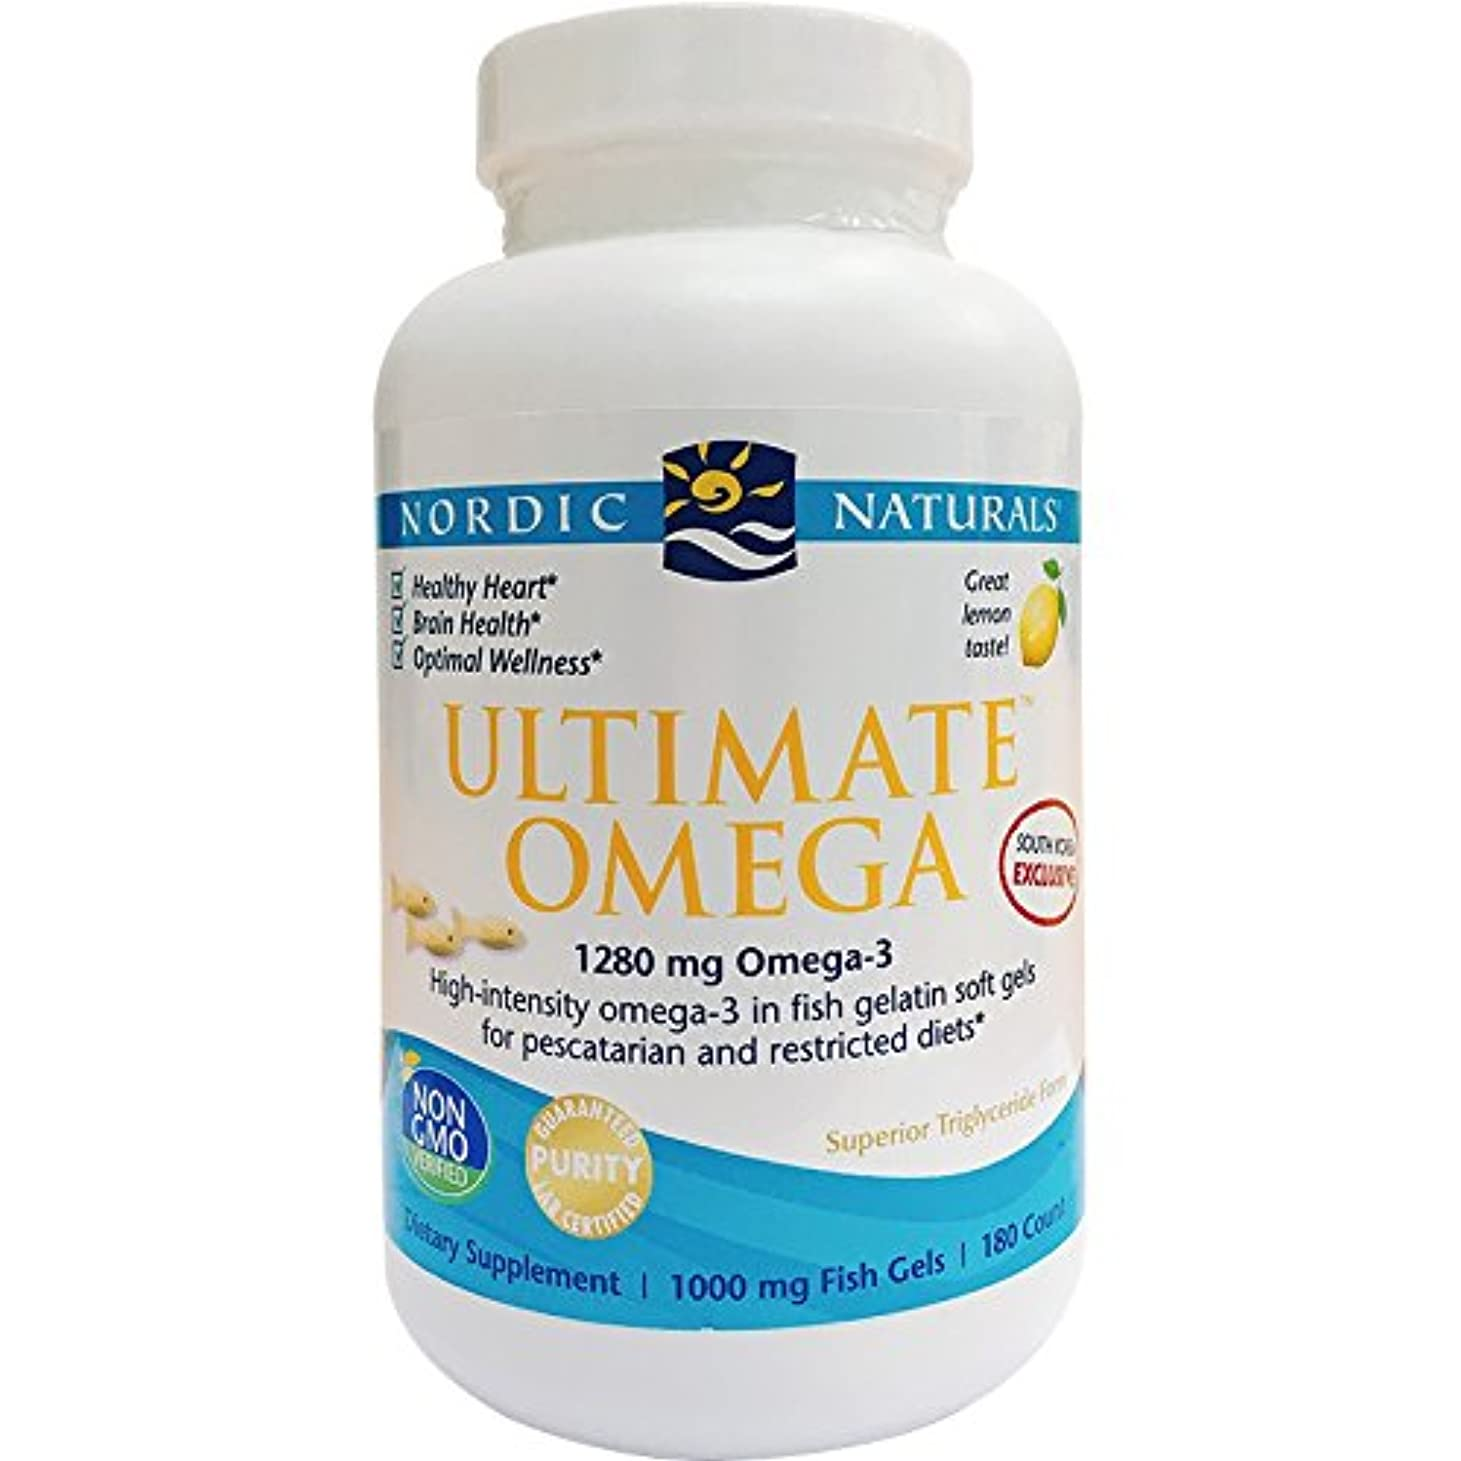 達成する倫理的爬虫類アルティメイトオメガ 1000 mg(レモン) 180 ソフトカプセル (海外直送品)